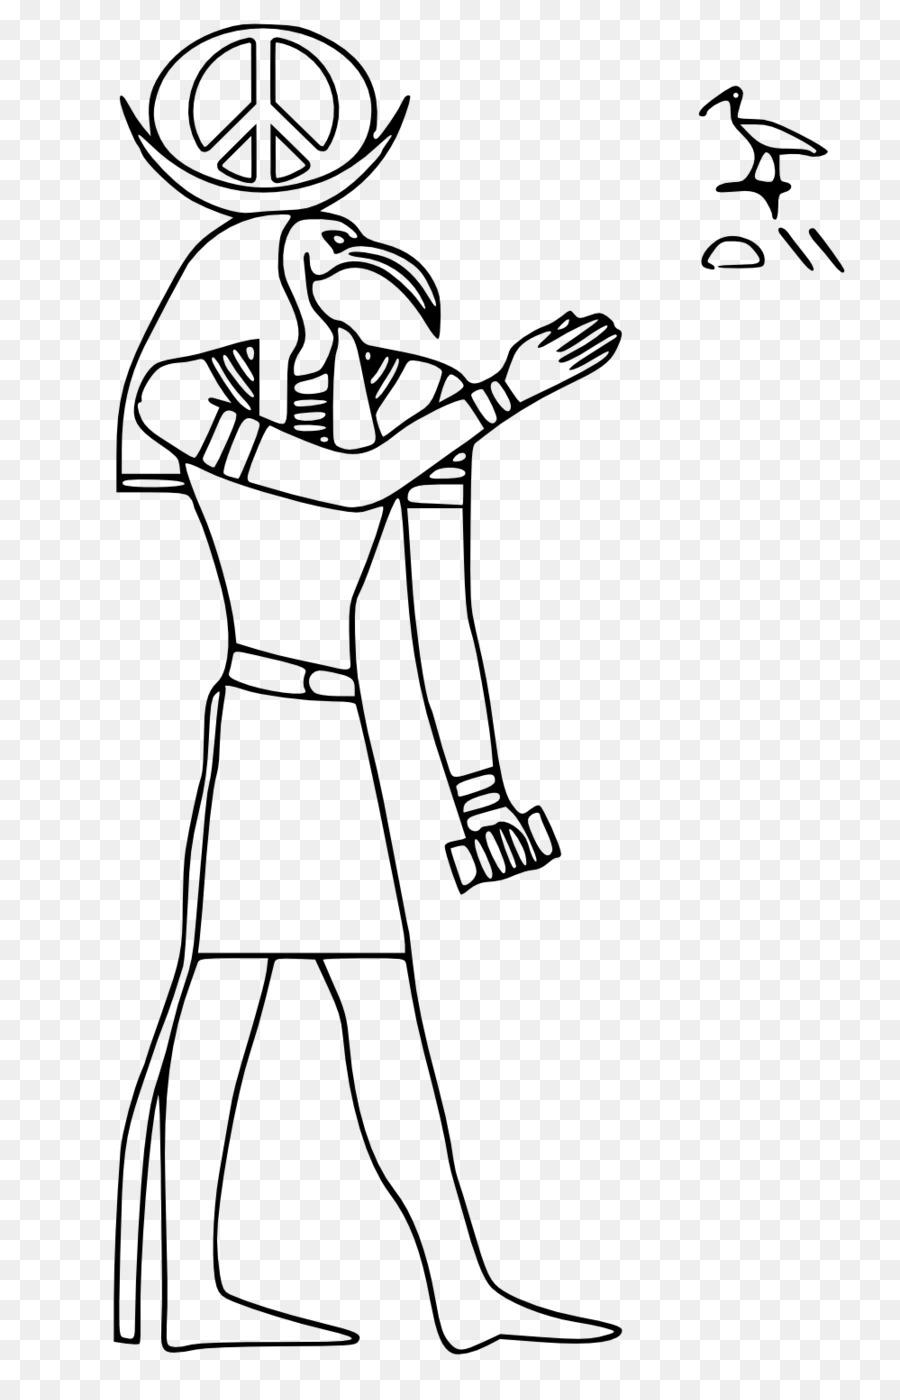 придает катеру картинки египетские черно-белые предлагается